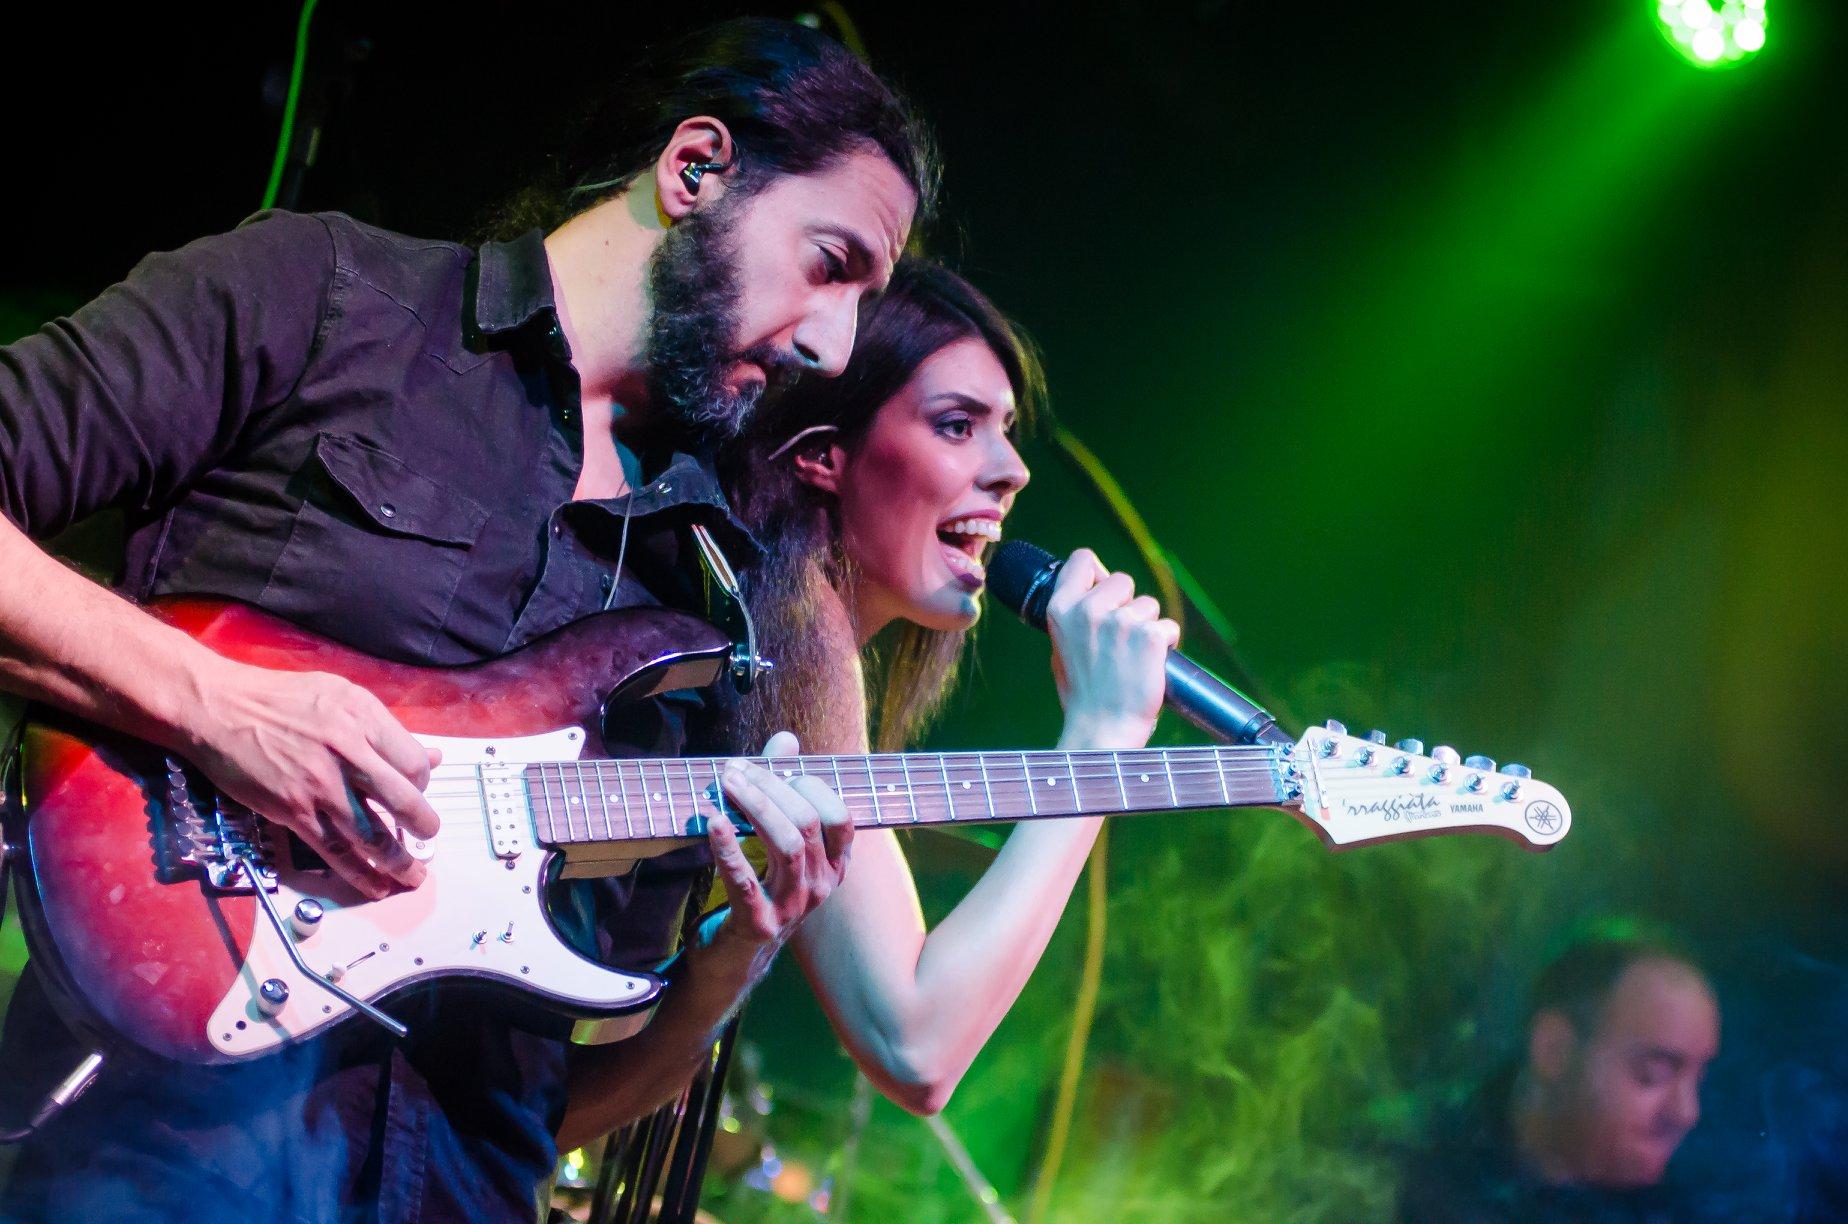 foto di concerto per band milano